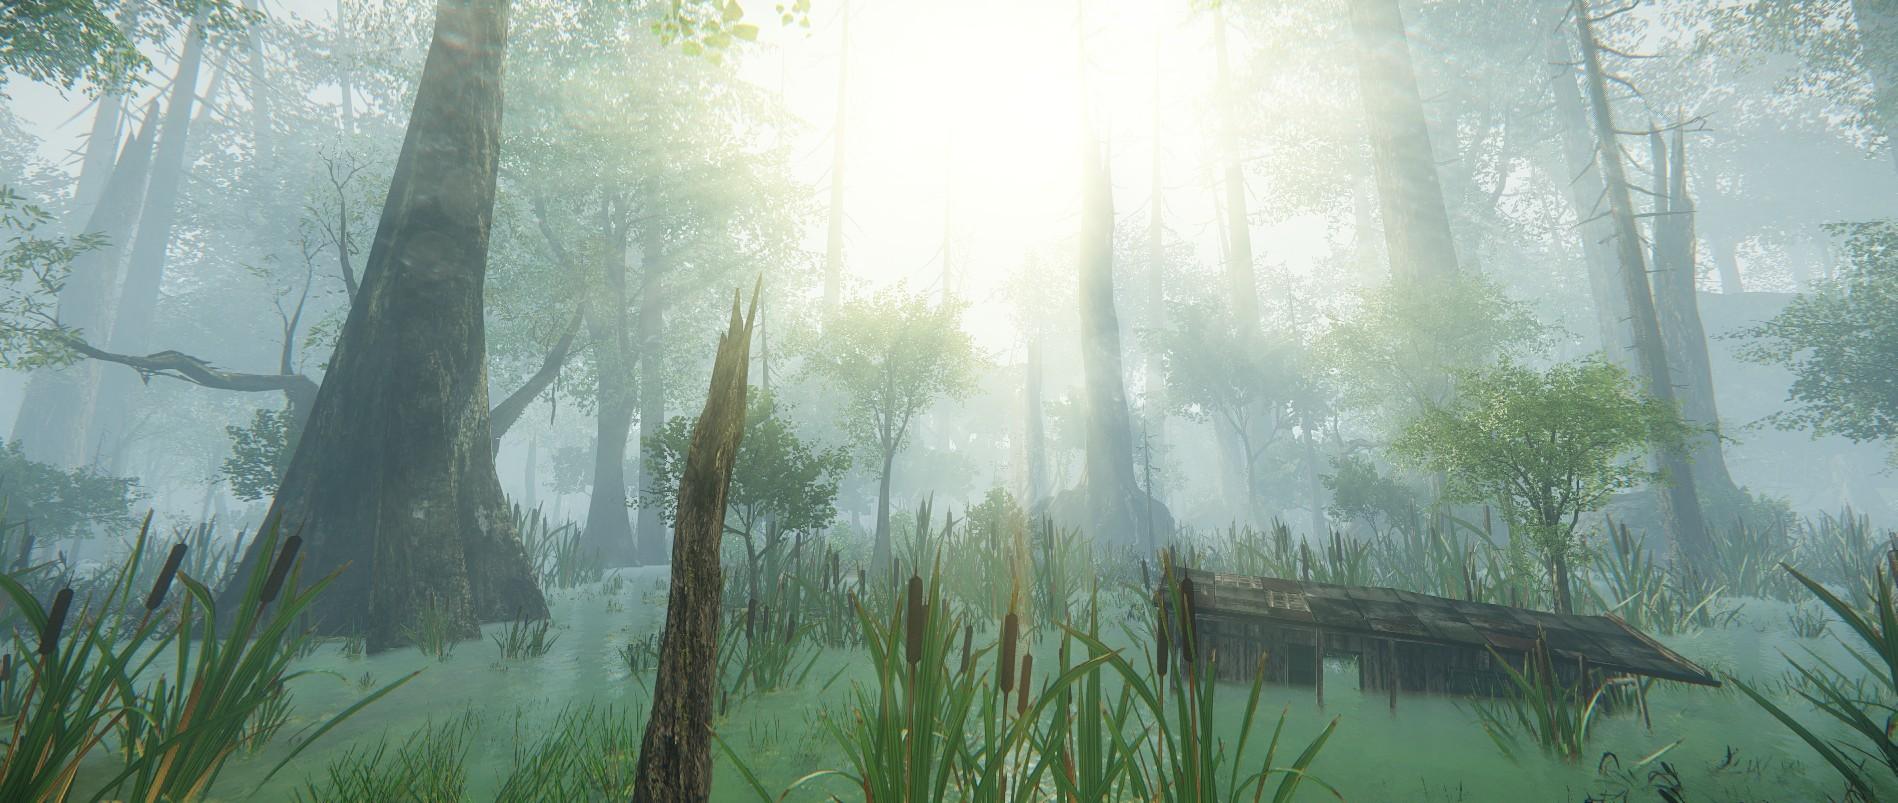 Ashton jensen dead swamp 4